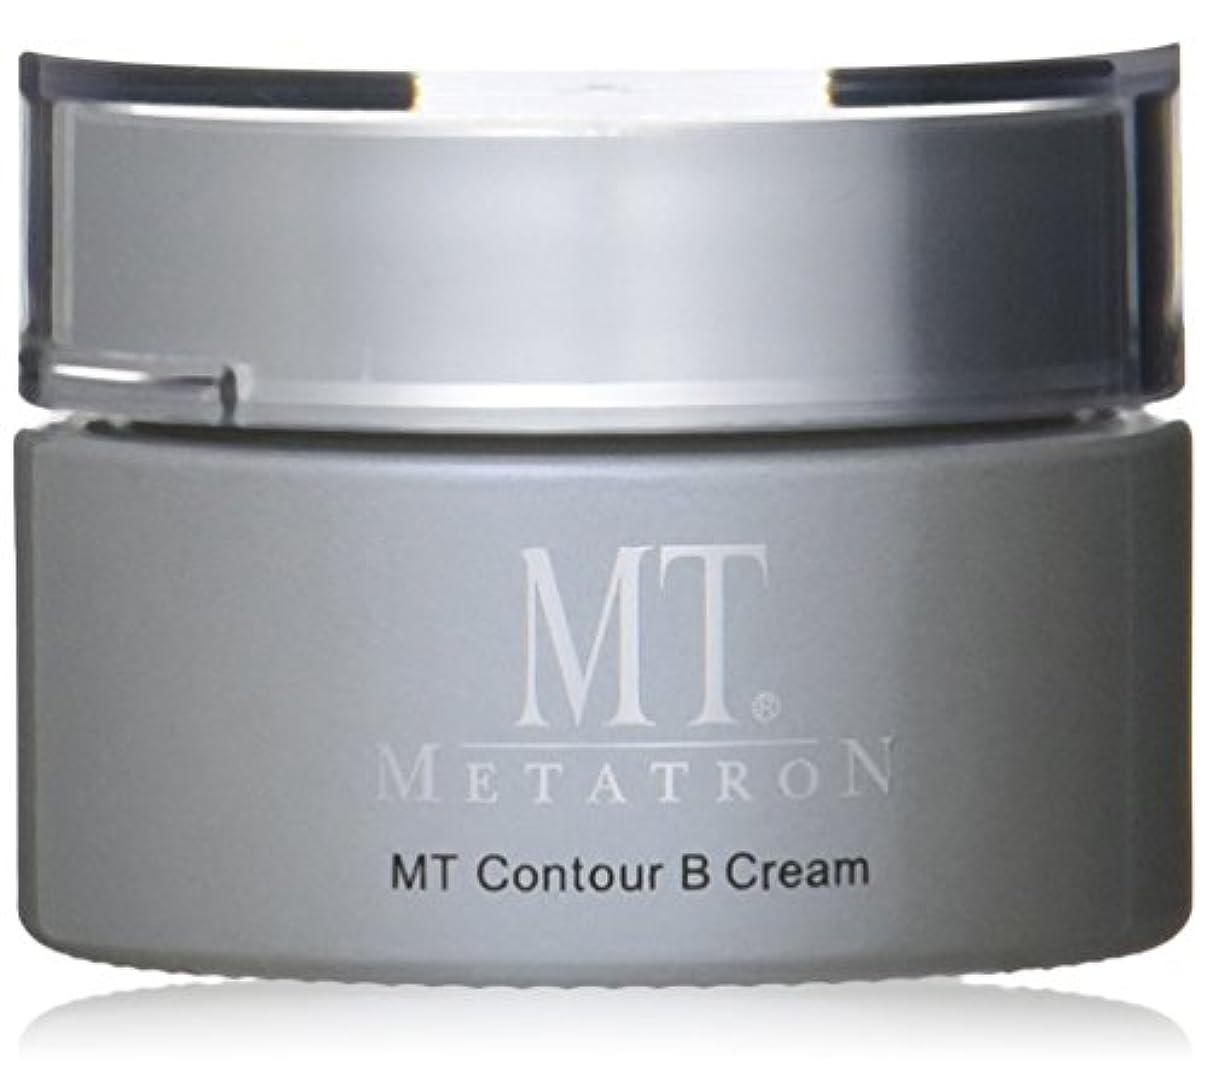 贅沢土器することになっているMTメタトロン コントアBクリーム 40g